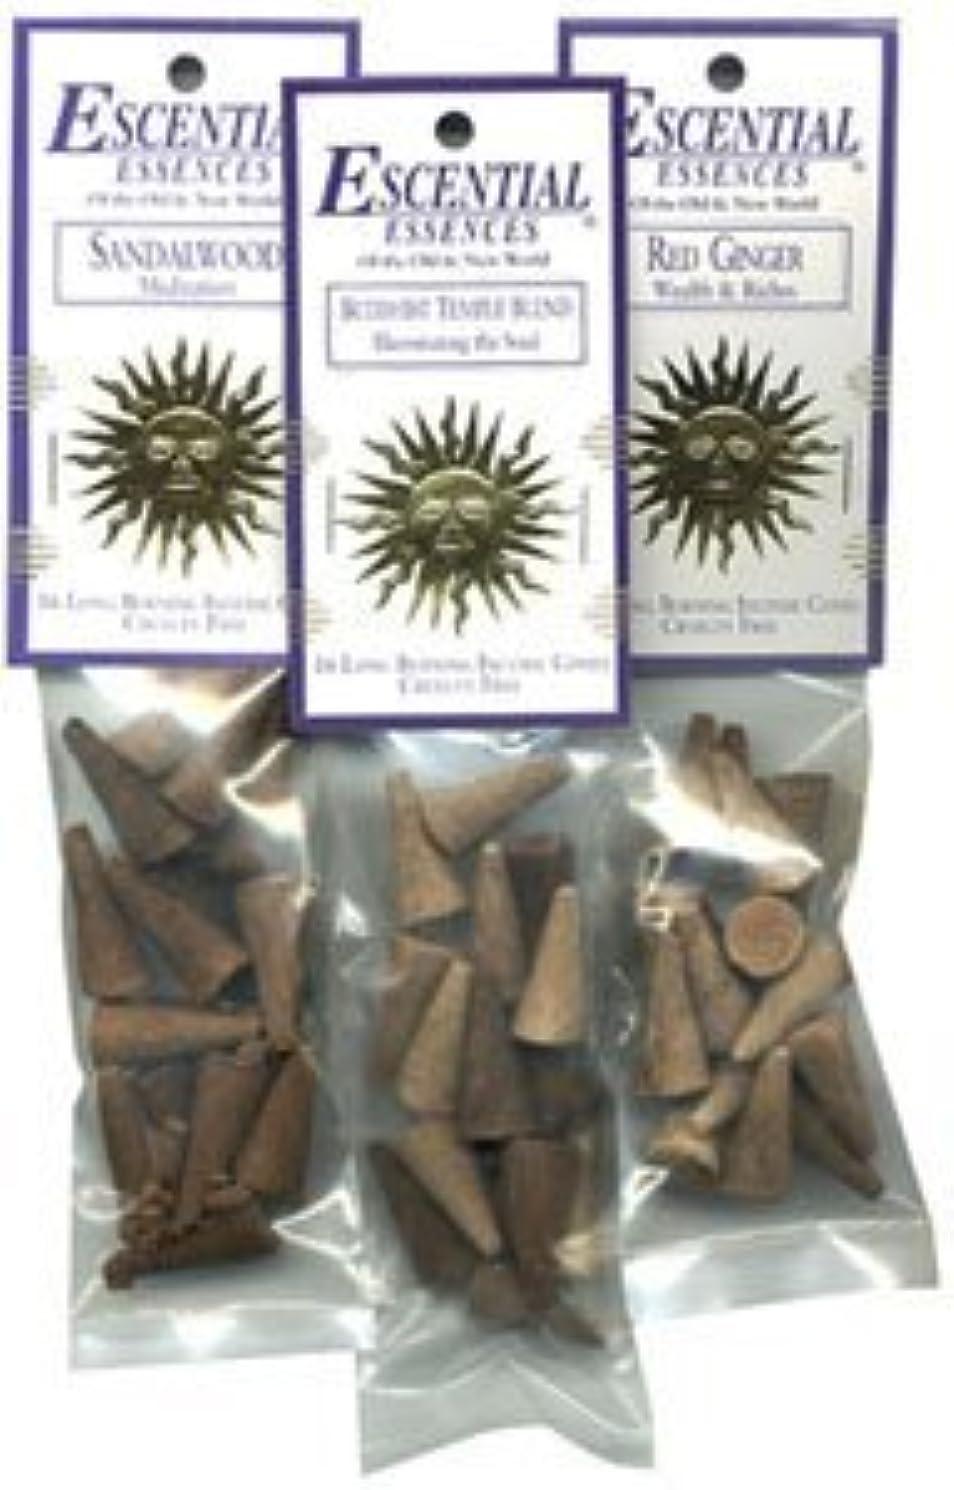 一緒まで質量Purification (Sacred Cedar and Lavender) - Escential Essences Cone Incense - 16 Cone Package [並行輸入品]